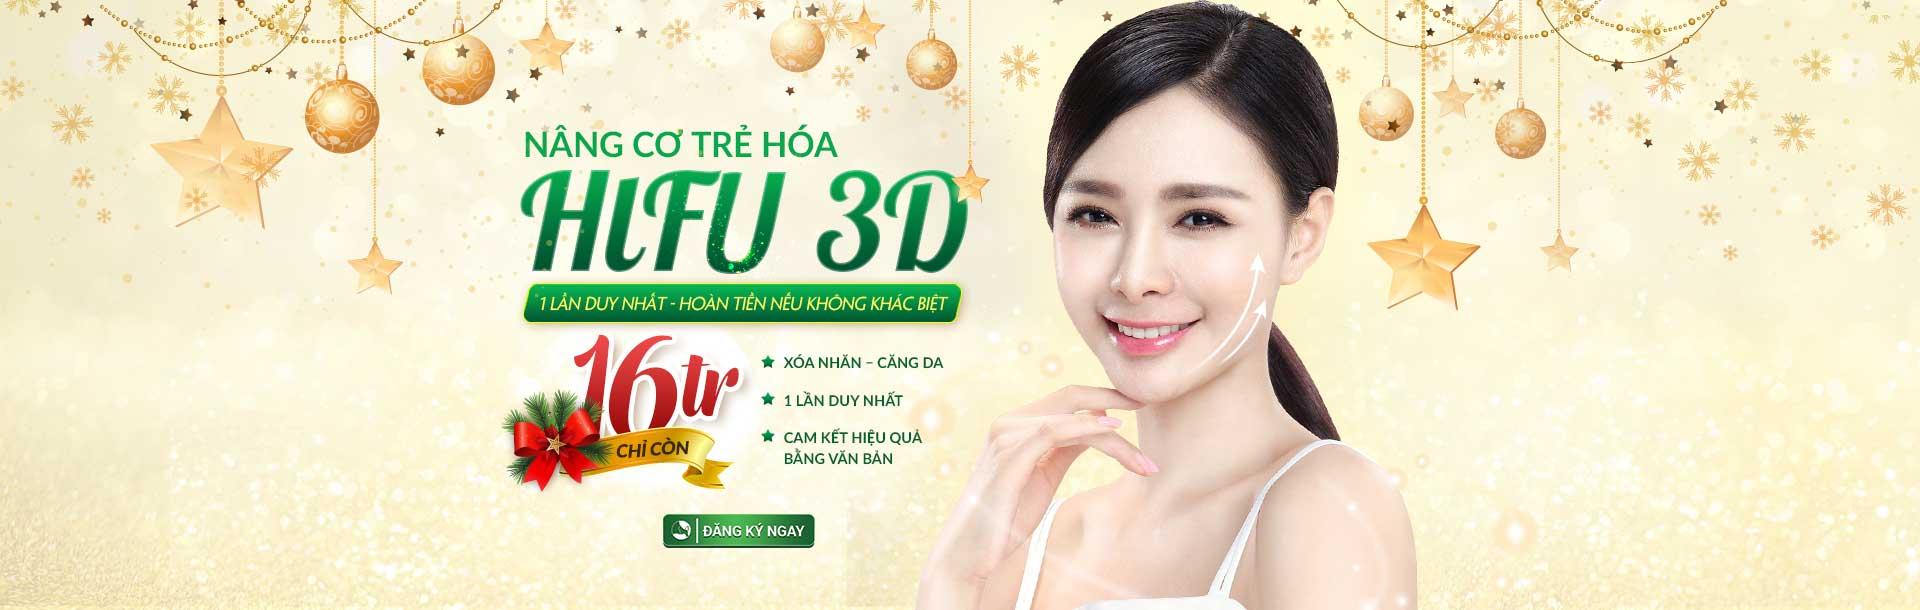 HIFU-3D-1920X610